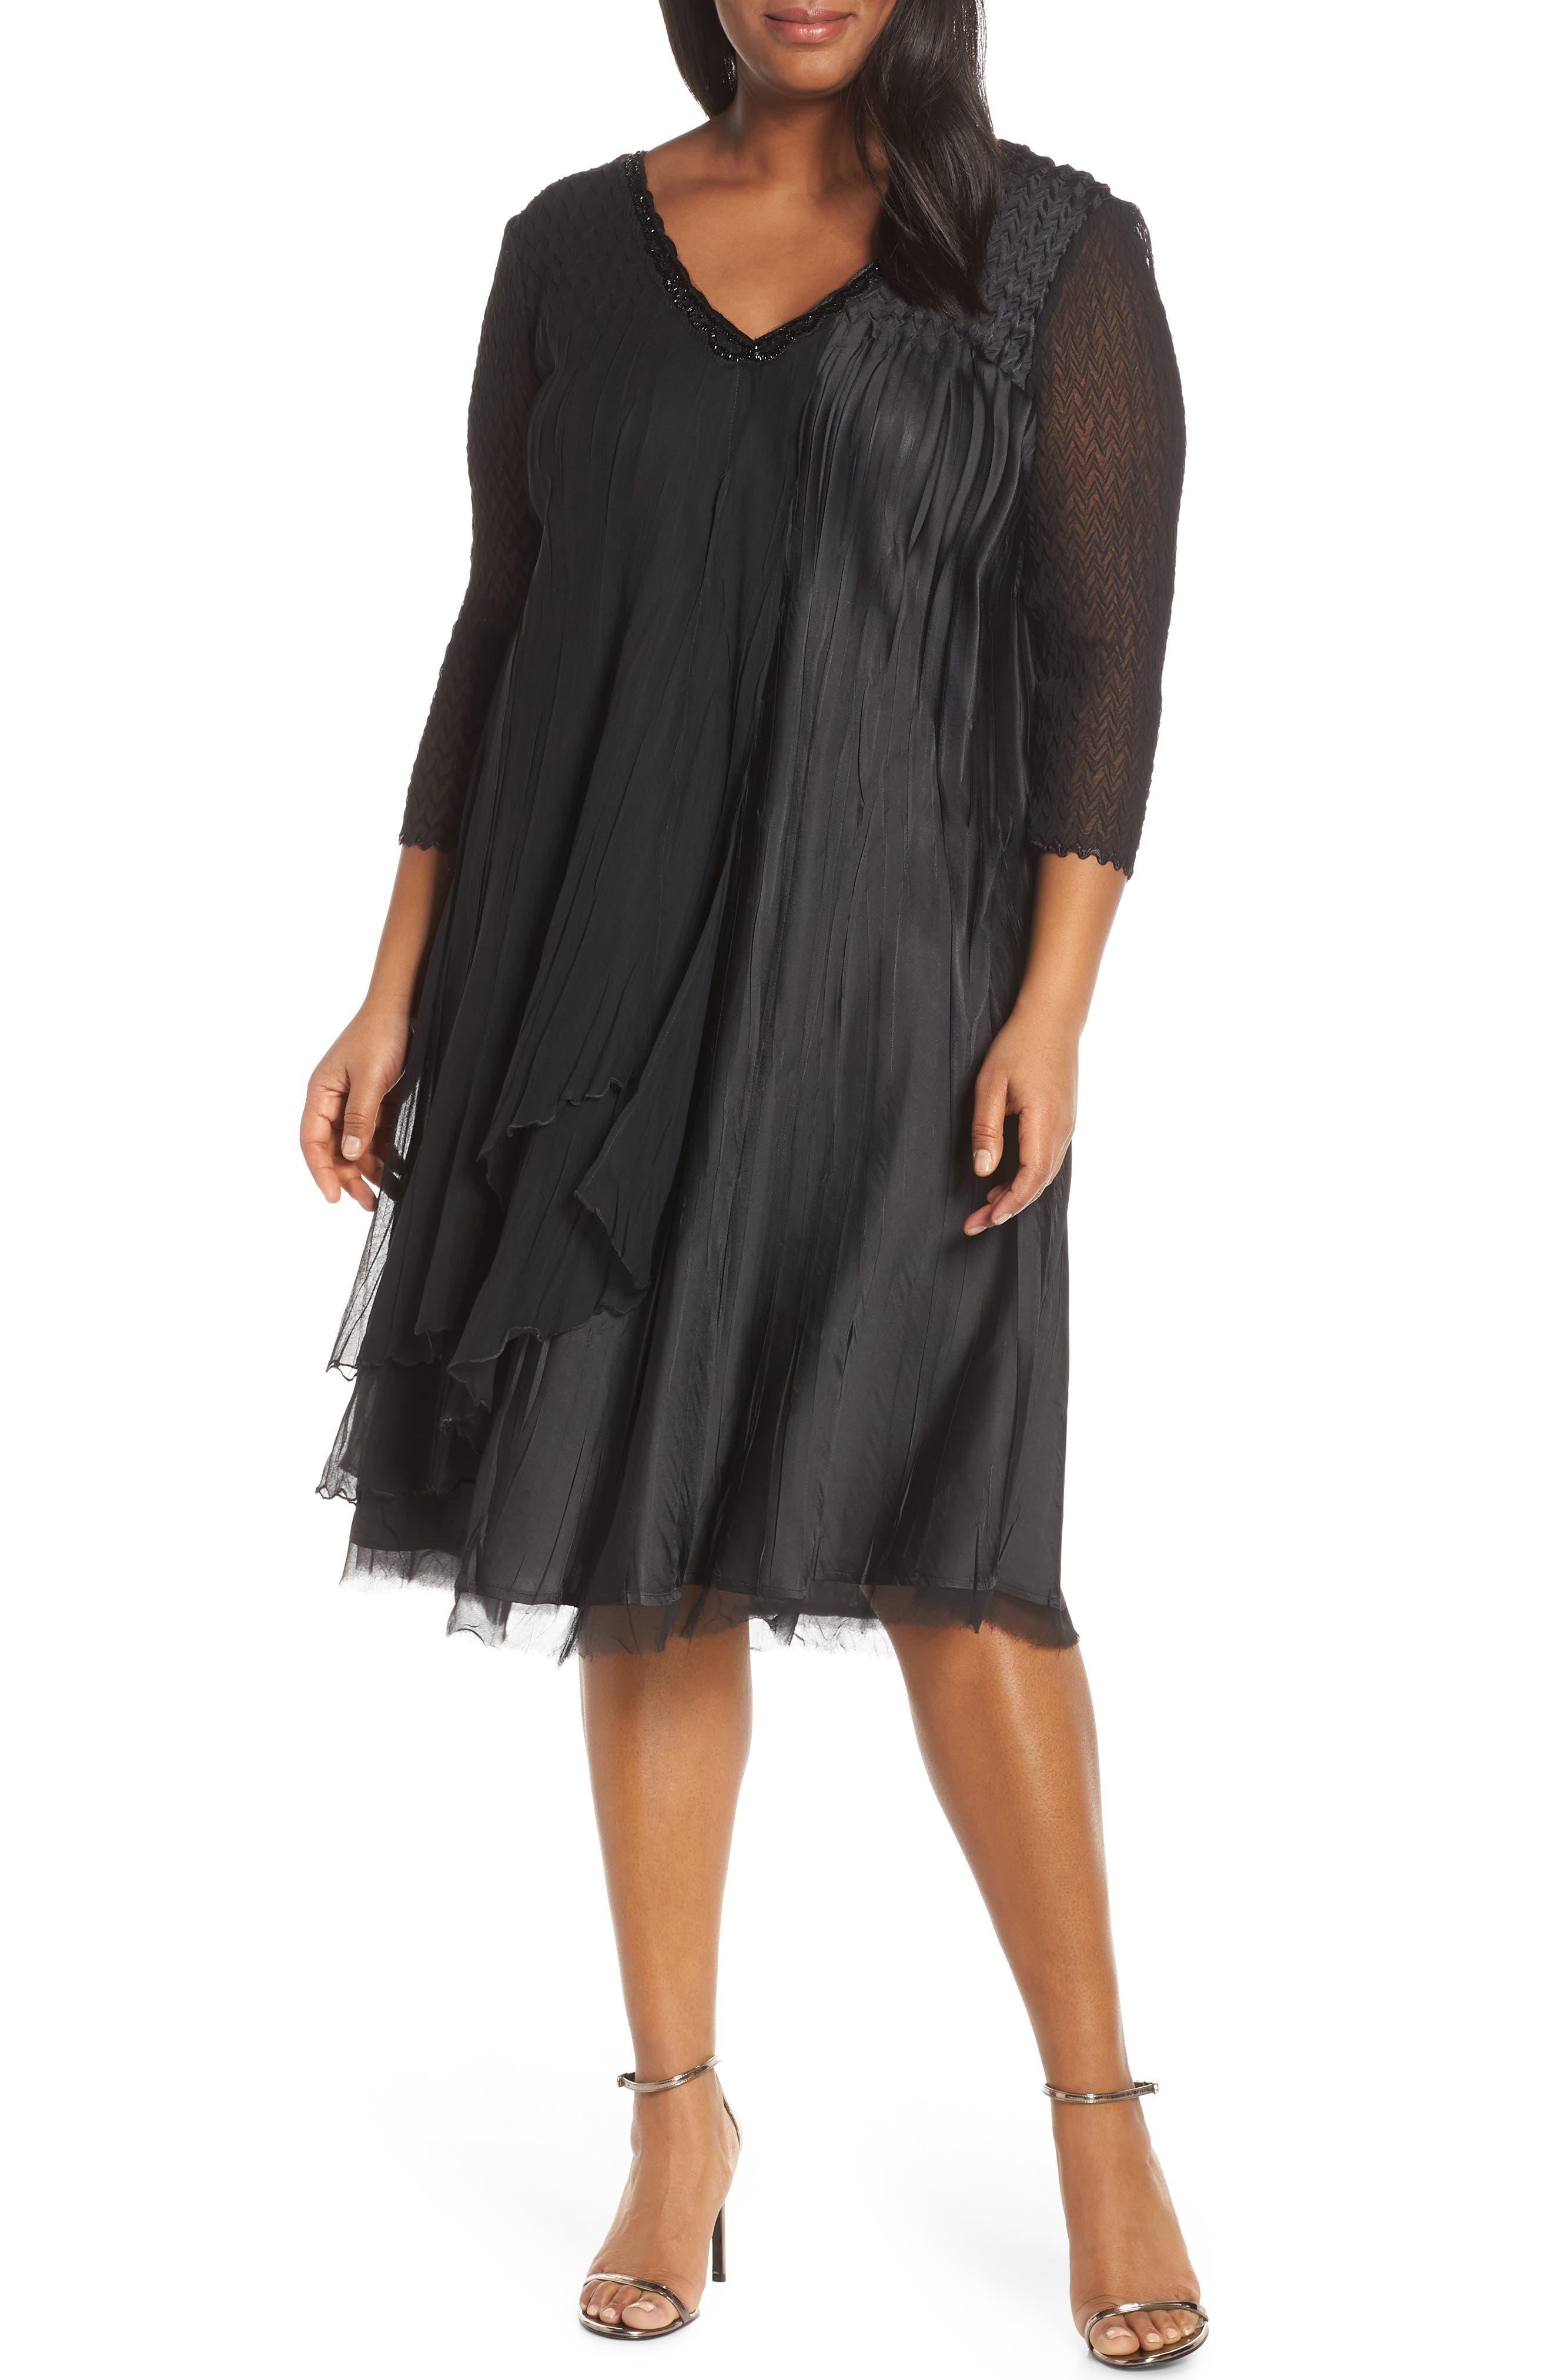 KOMAROV Beaded Neck Chiffon Dress, Main, color, 001